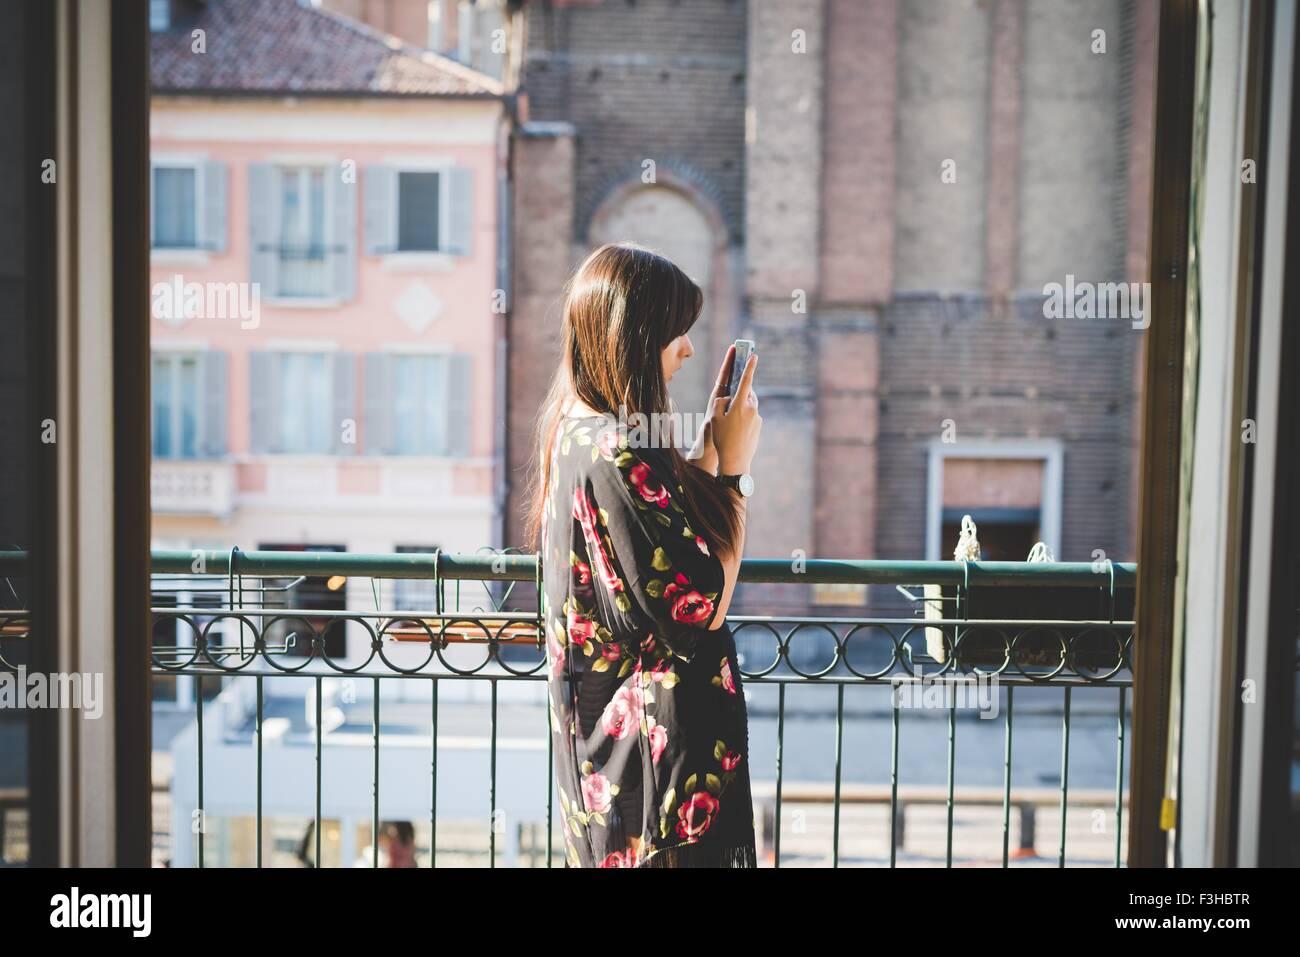 Jeune femme lisant des textes sur smartphone balcon ville Photo Stock